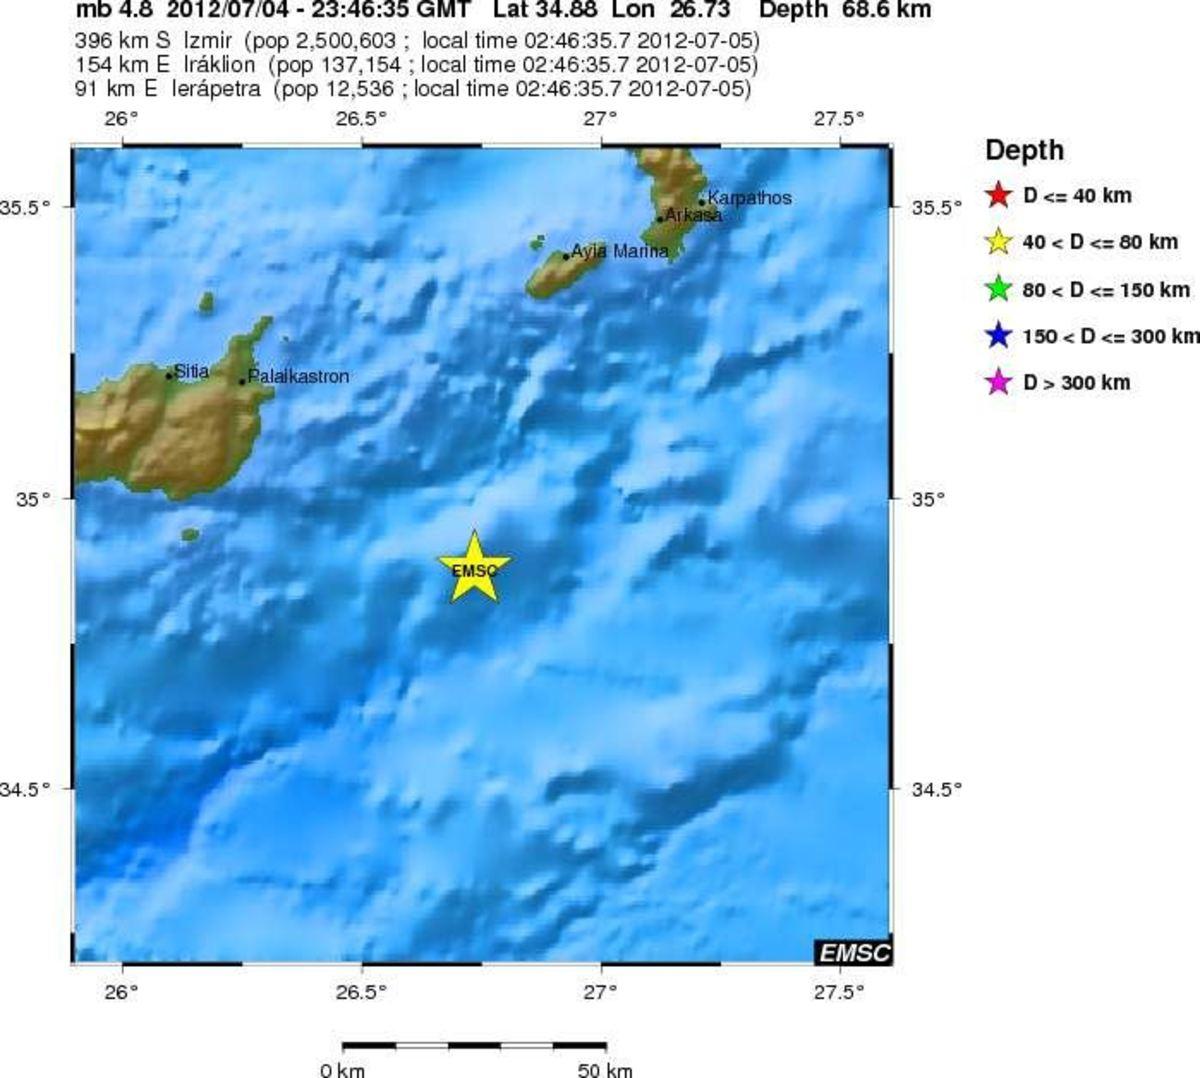 Κρήτη: Ταρακουνήθηκαν από σεισμούς 4,8 βαθμών της κλίμακας Ρίχτερ! | Newsit.gr